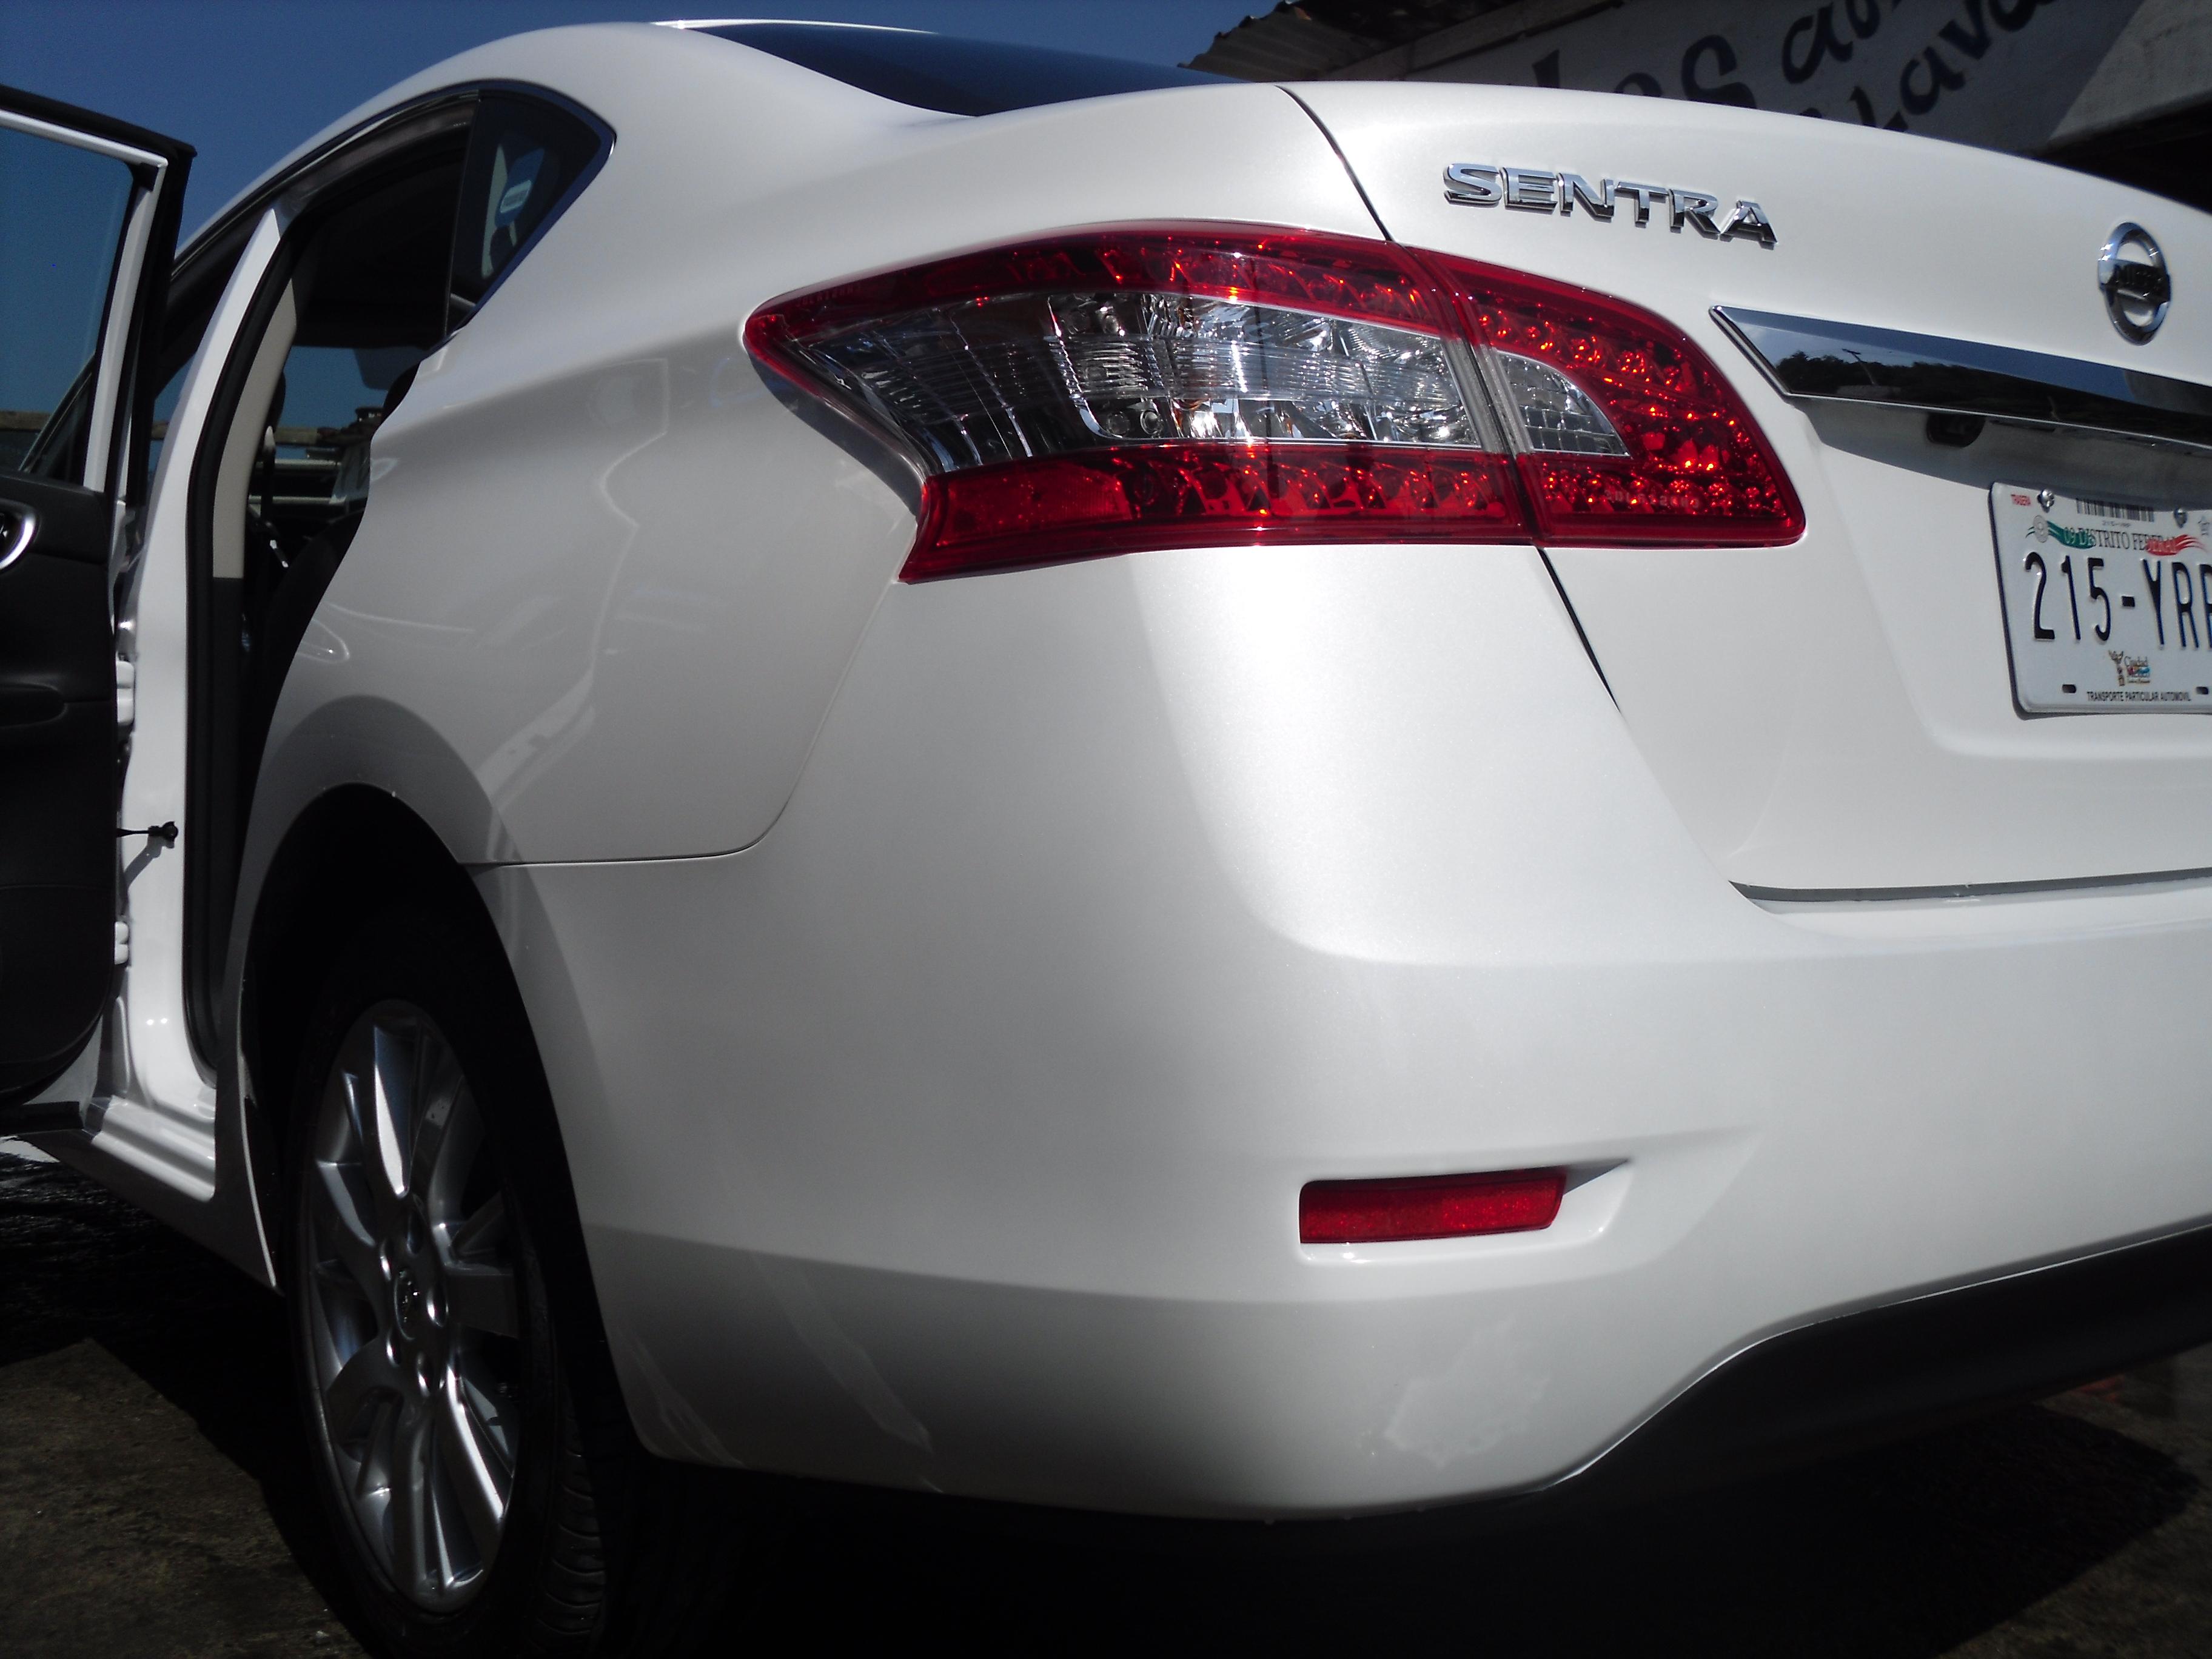 Foro Del Nissan Sentra 2013 Ampliamente Recomendable Pero No En Cvt Alvolante Info